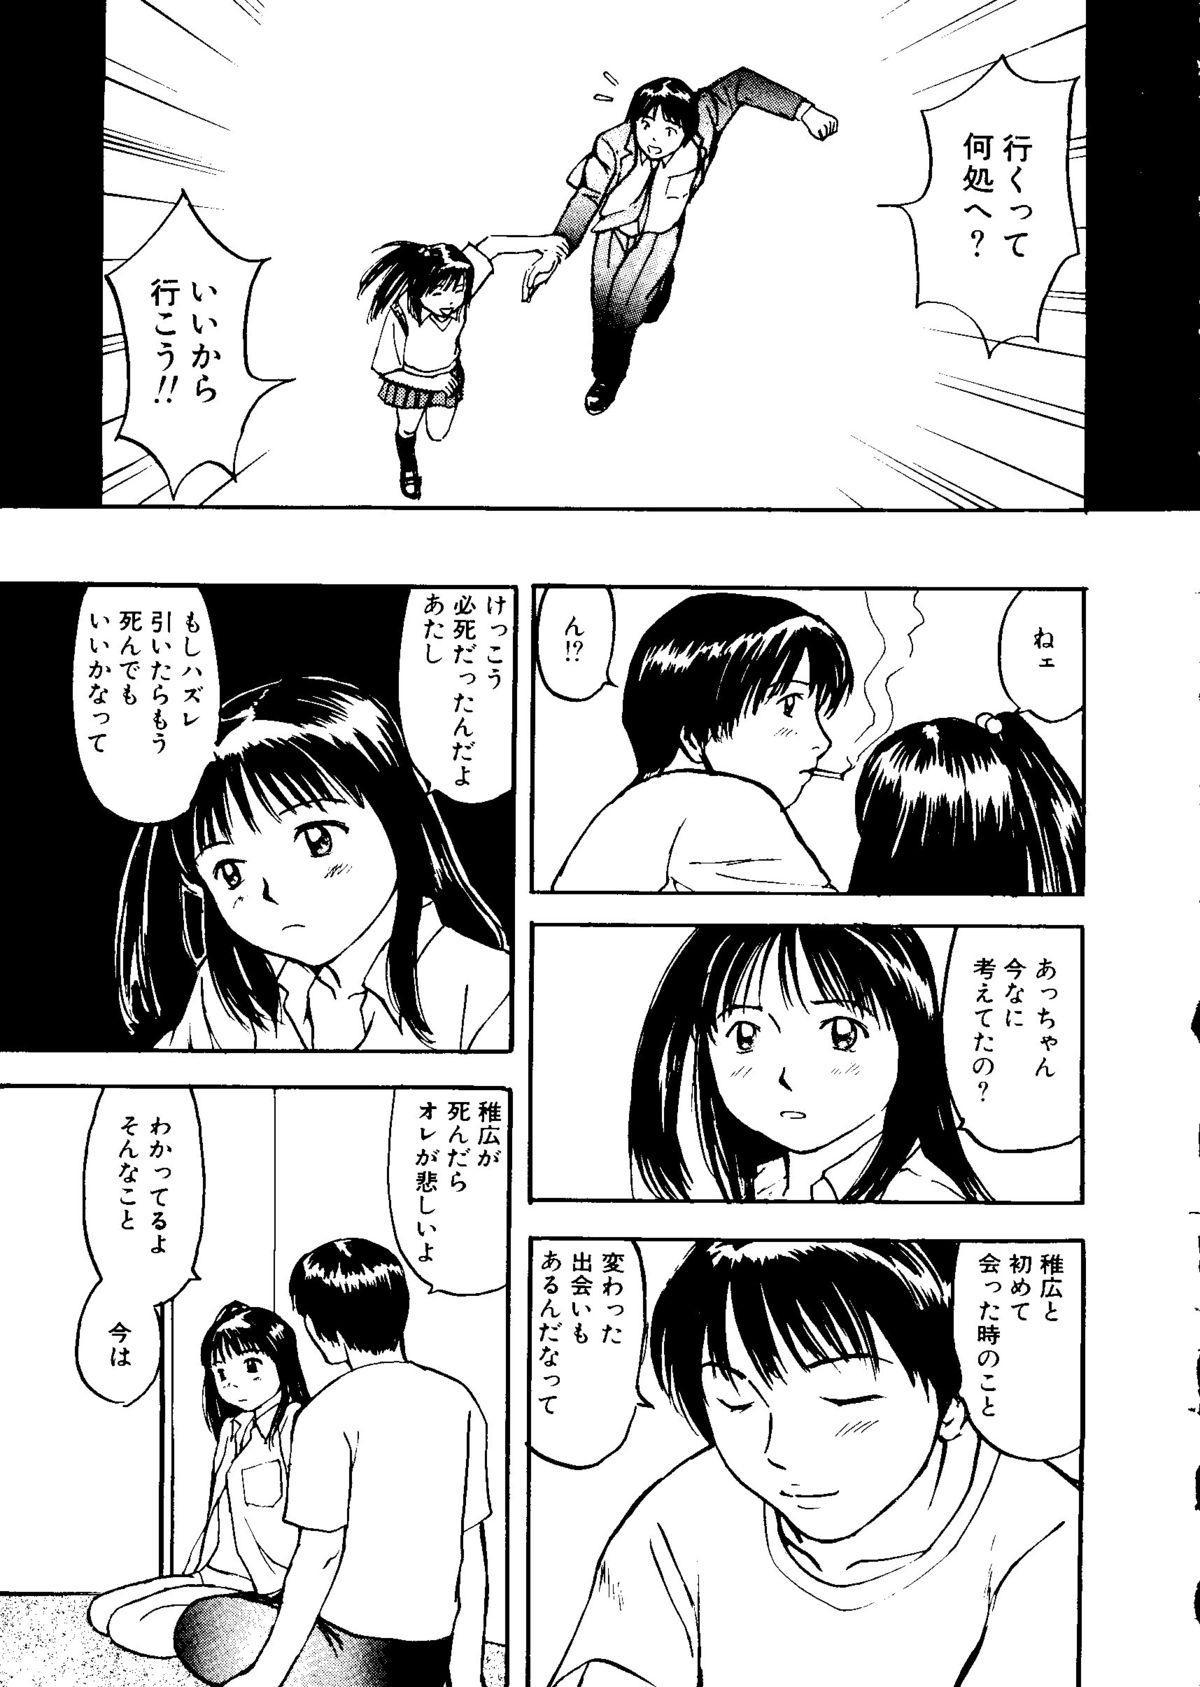 Mujirushi Youhin Vol. 7 155